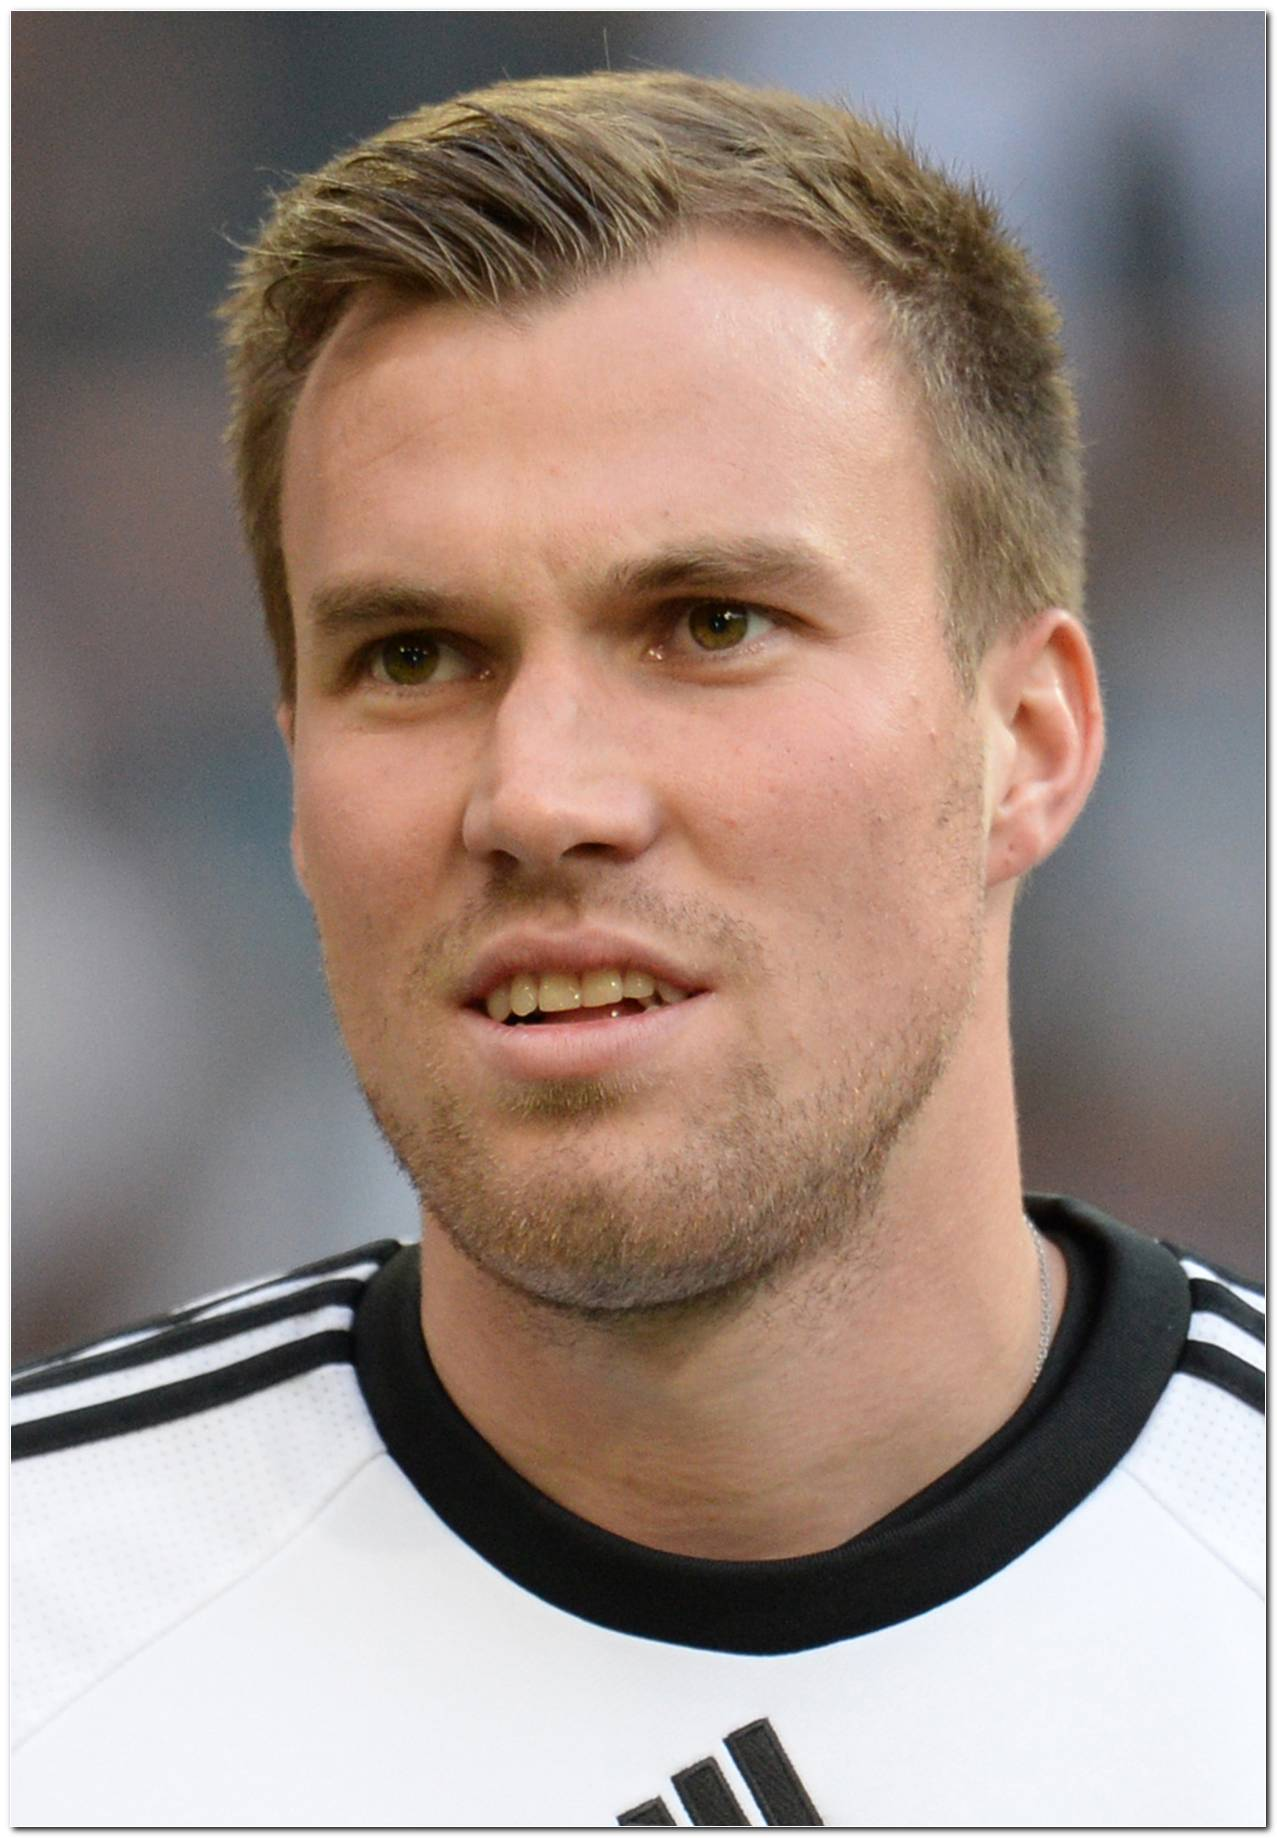 Frisur Manuel Neuer